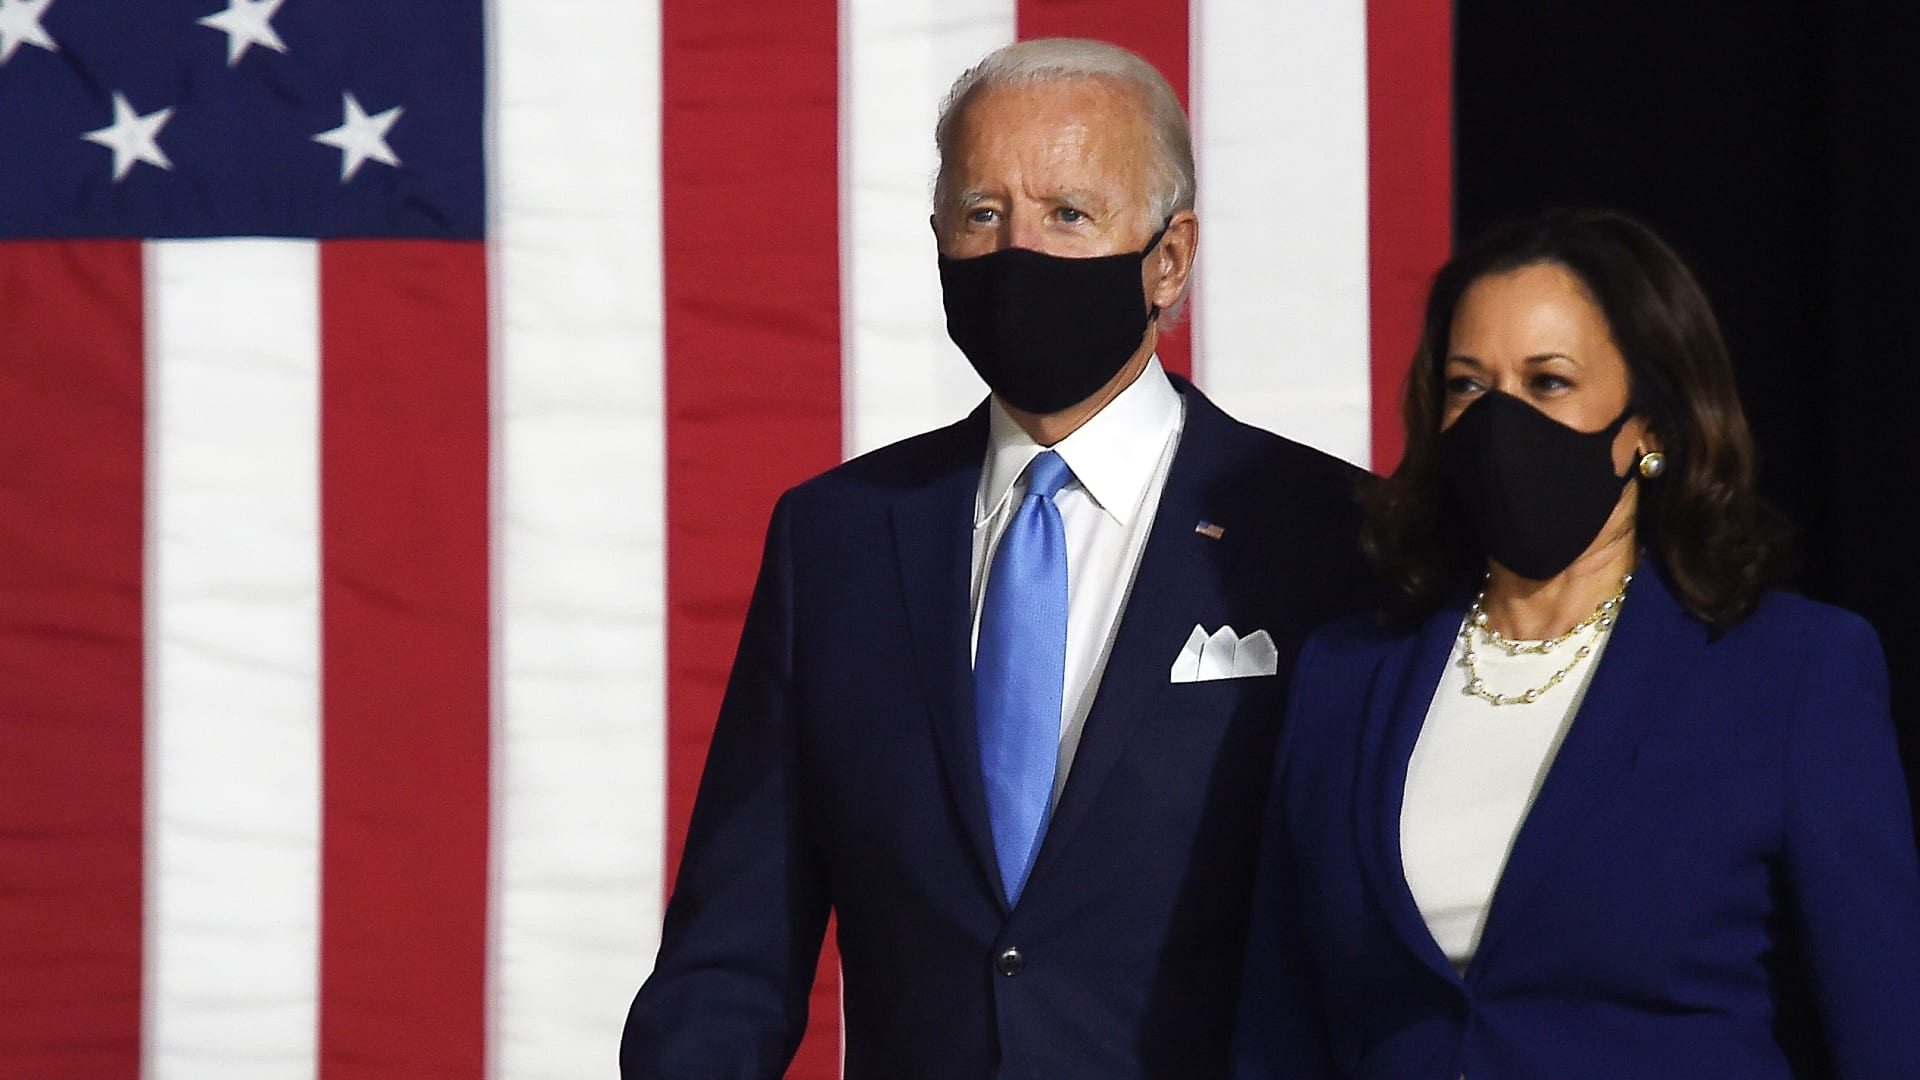 شاهد لحظة إعلان مذيع CNN جو بايدن رئيساً للولايات المتحدة